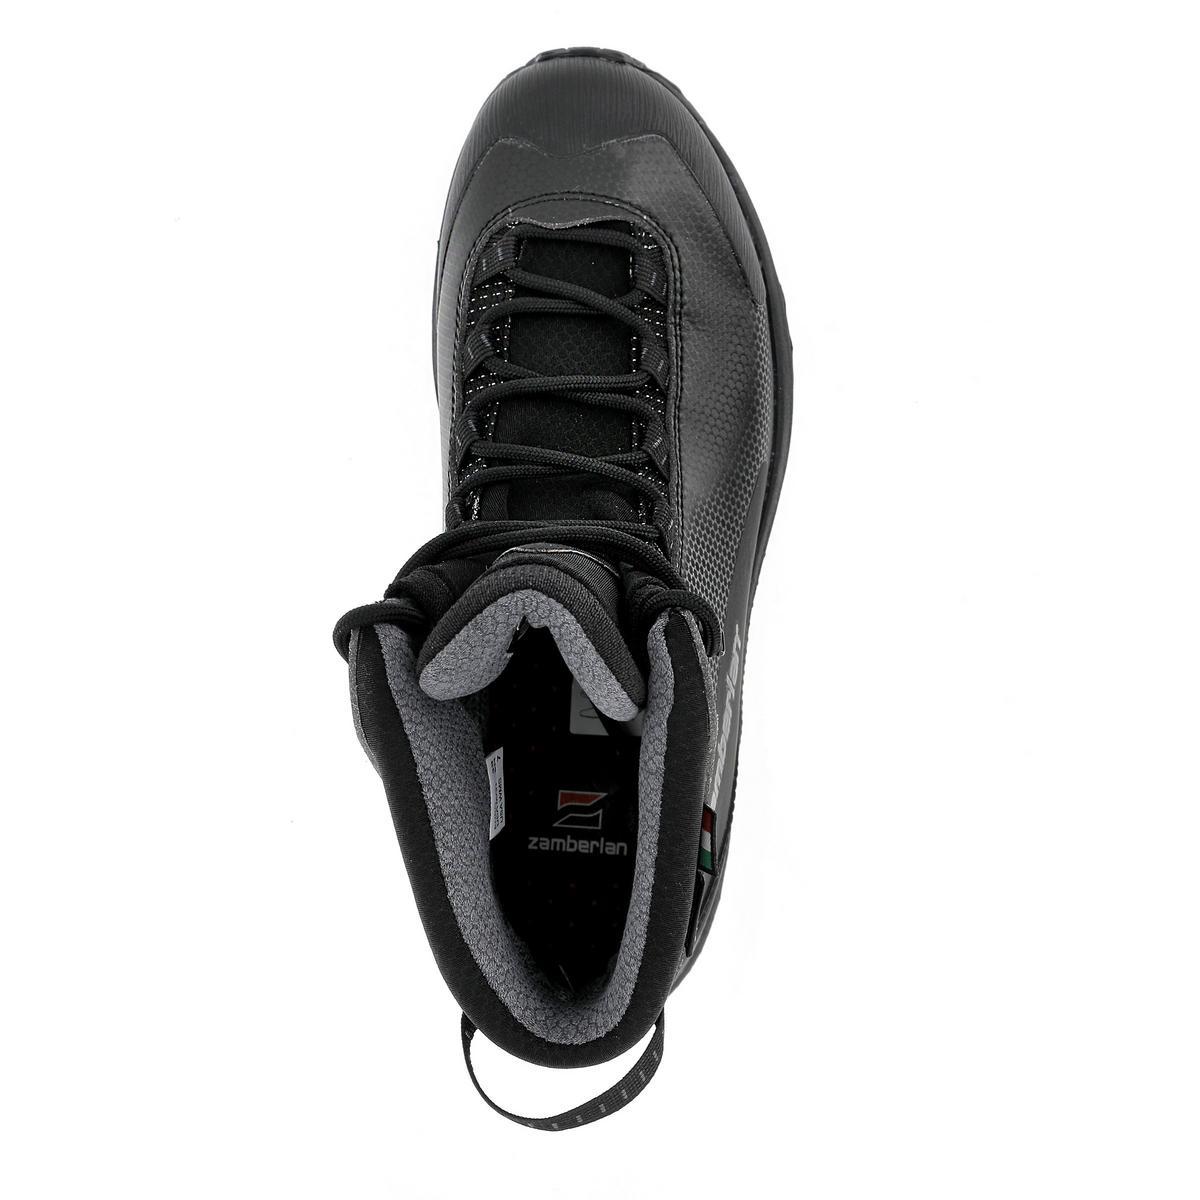 Zamberlan 2095 Brenva Lite GTX - Black